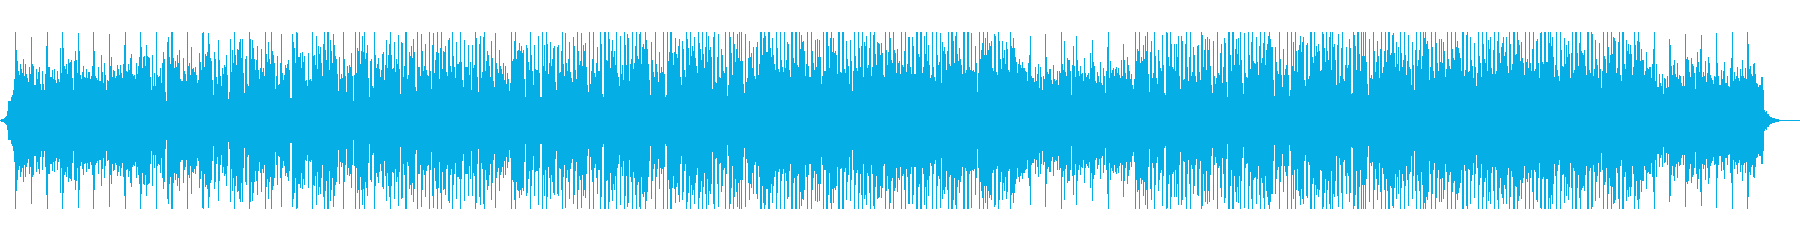 企業VP!爽やかで疾走感あるピアノBGMの再生済みの波形